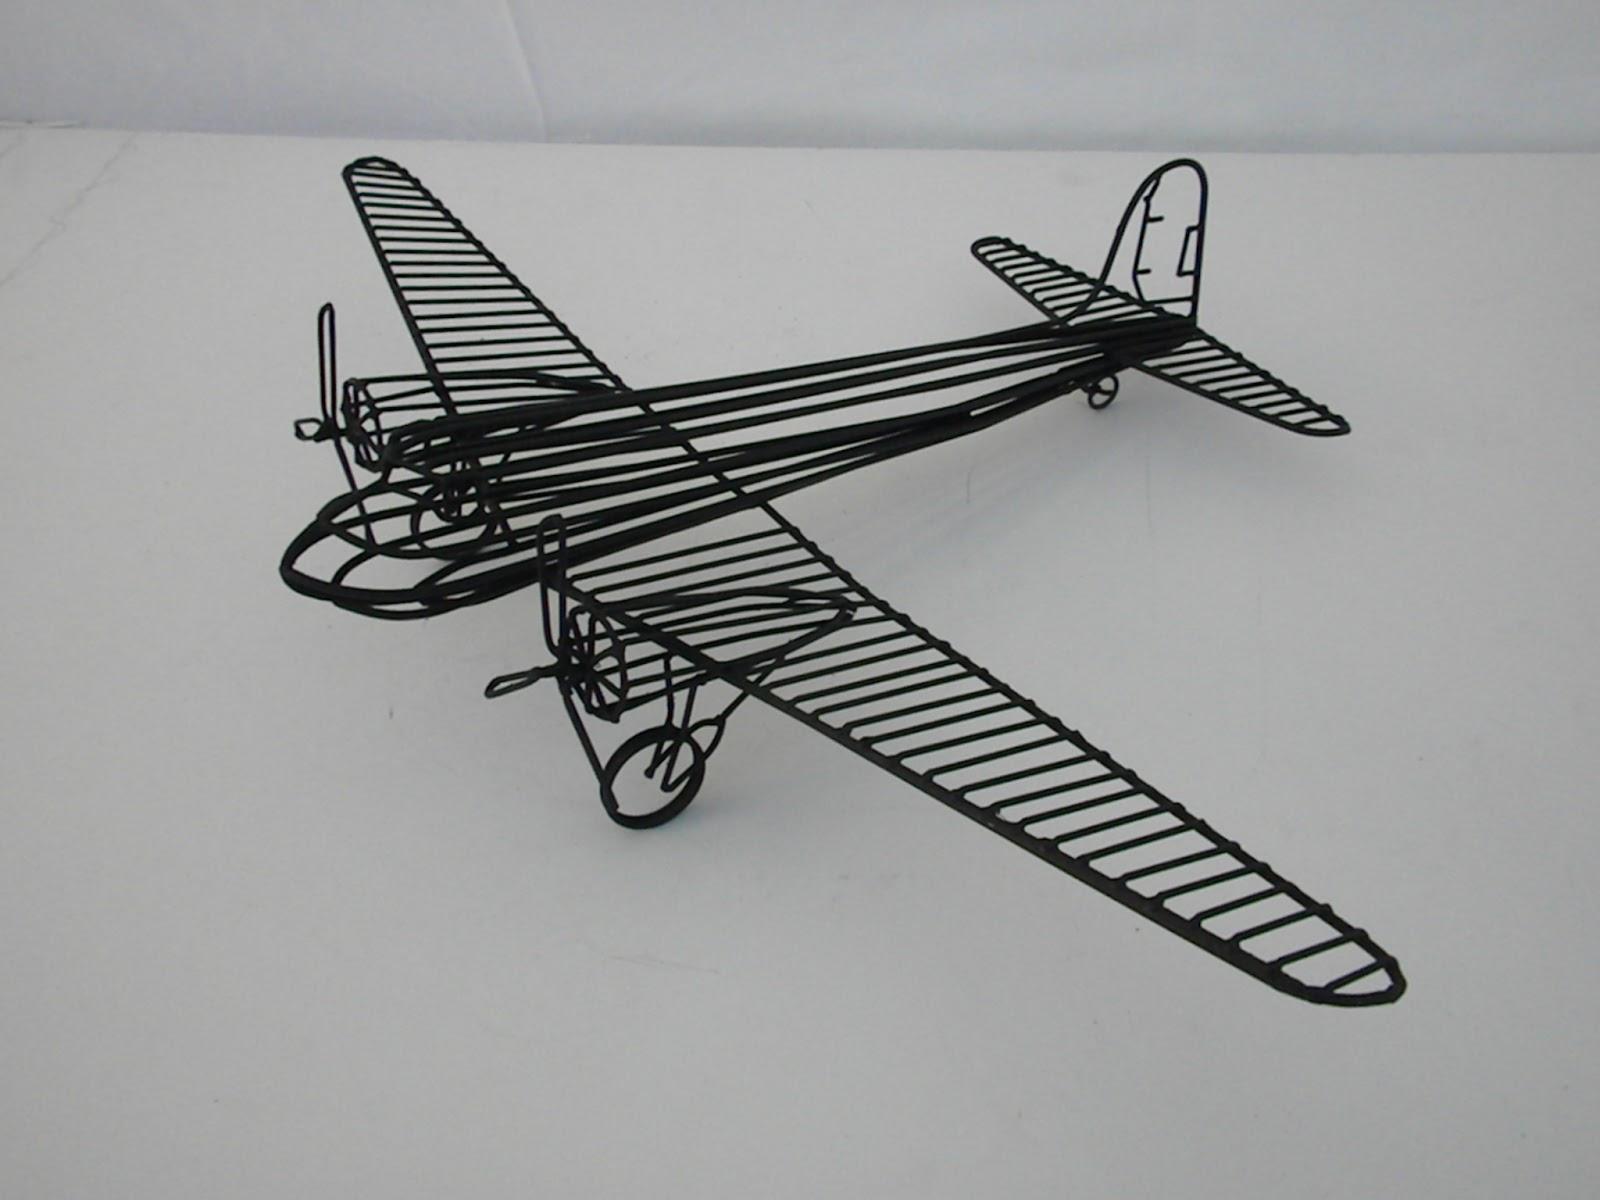 wiring air plane